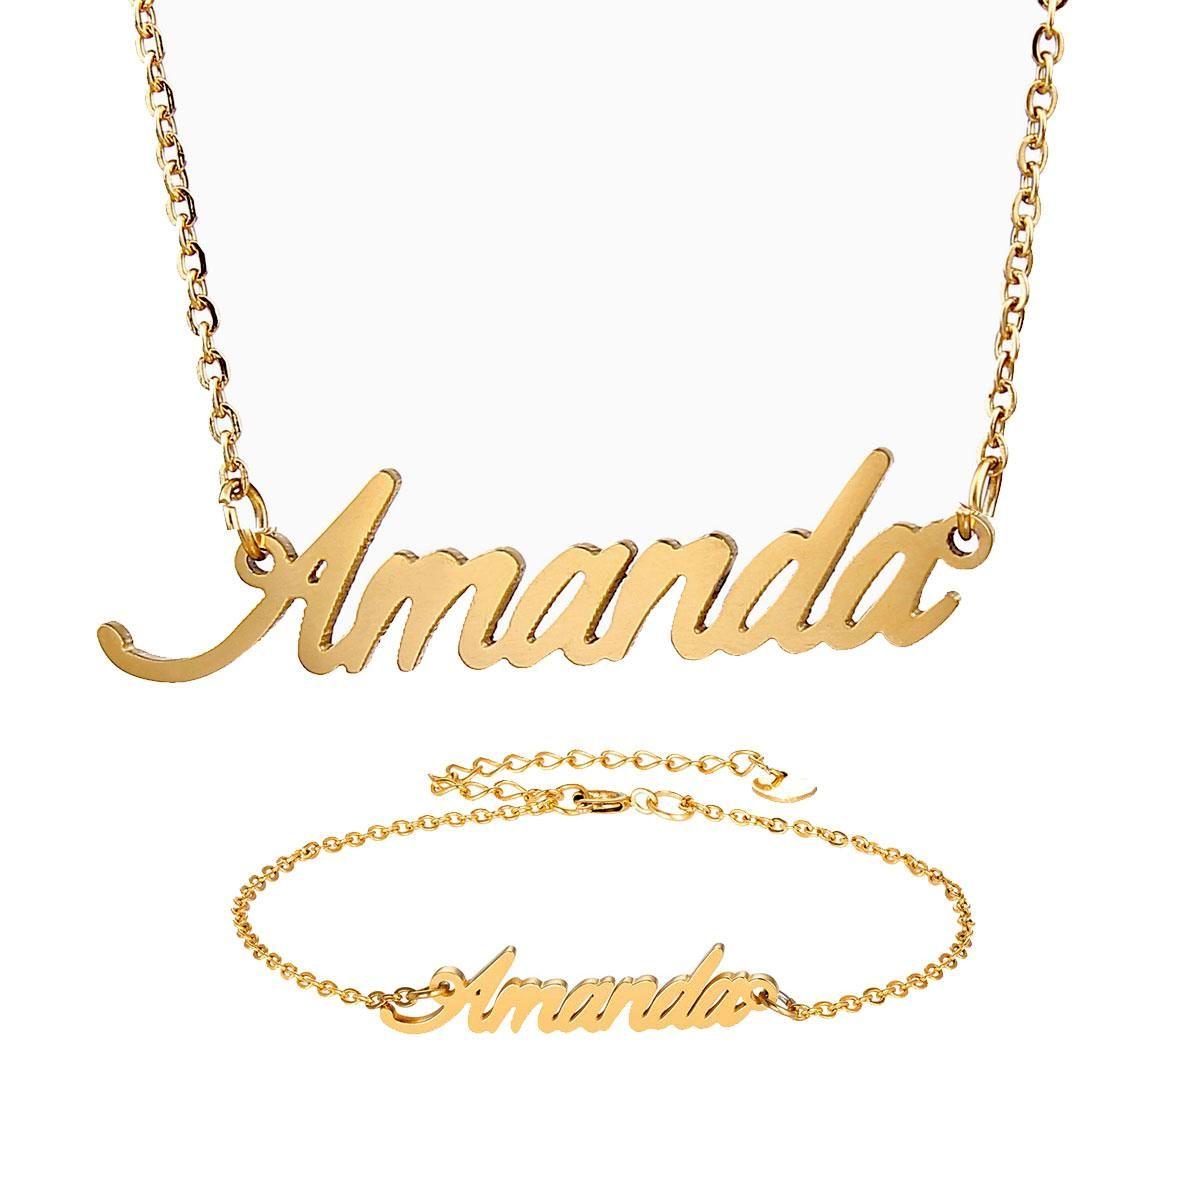 اسم أزياء الفولاذ المقاوم للصدأ قلادة + مجموعة سوار للمرأة أماندا سيناريو رسالة الذهب قلادة سلسلة قلادة قلادة اللوحة هدية